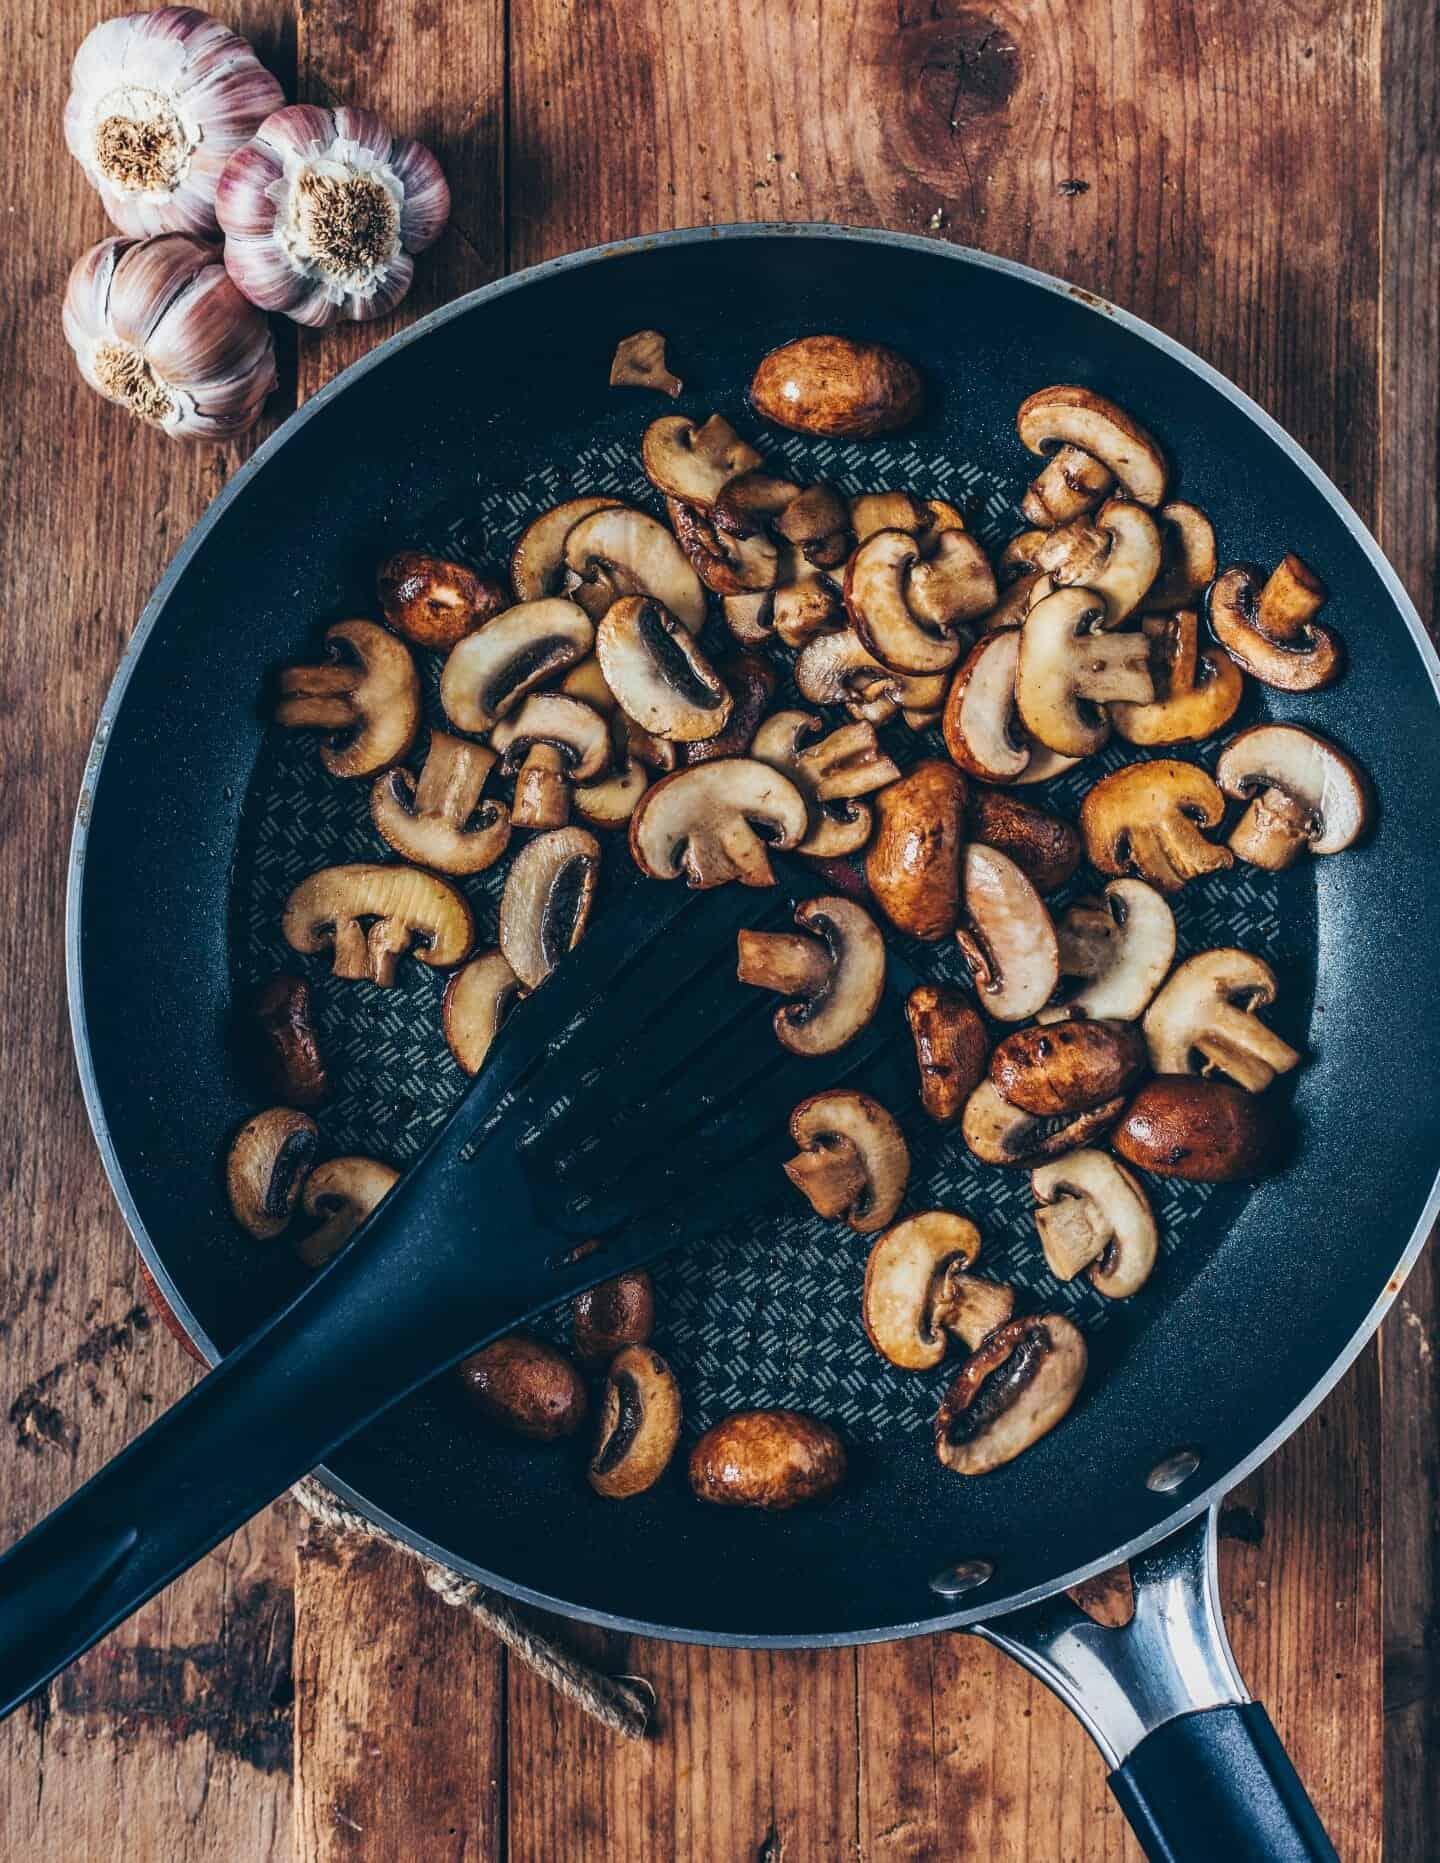 Cremiges Süßkartoffelpüree mit veganer Pilzsauce ist schnell zubereitet, gesund und so lecker! Dieses einfache Rezept ist glutenfrei, pflanzlich und würzig. Ein köstliches, herzhaftes Wohlfühlgericht!